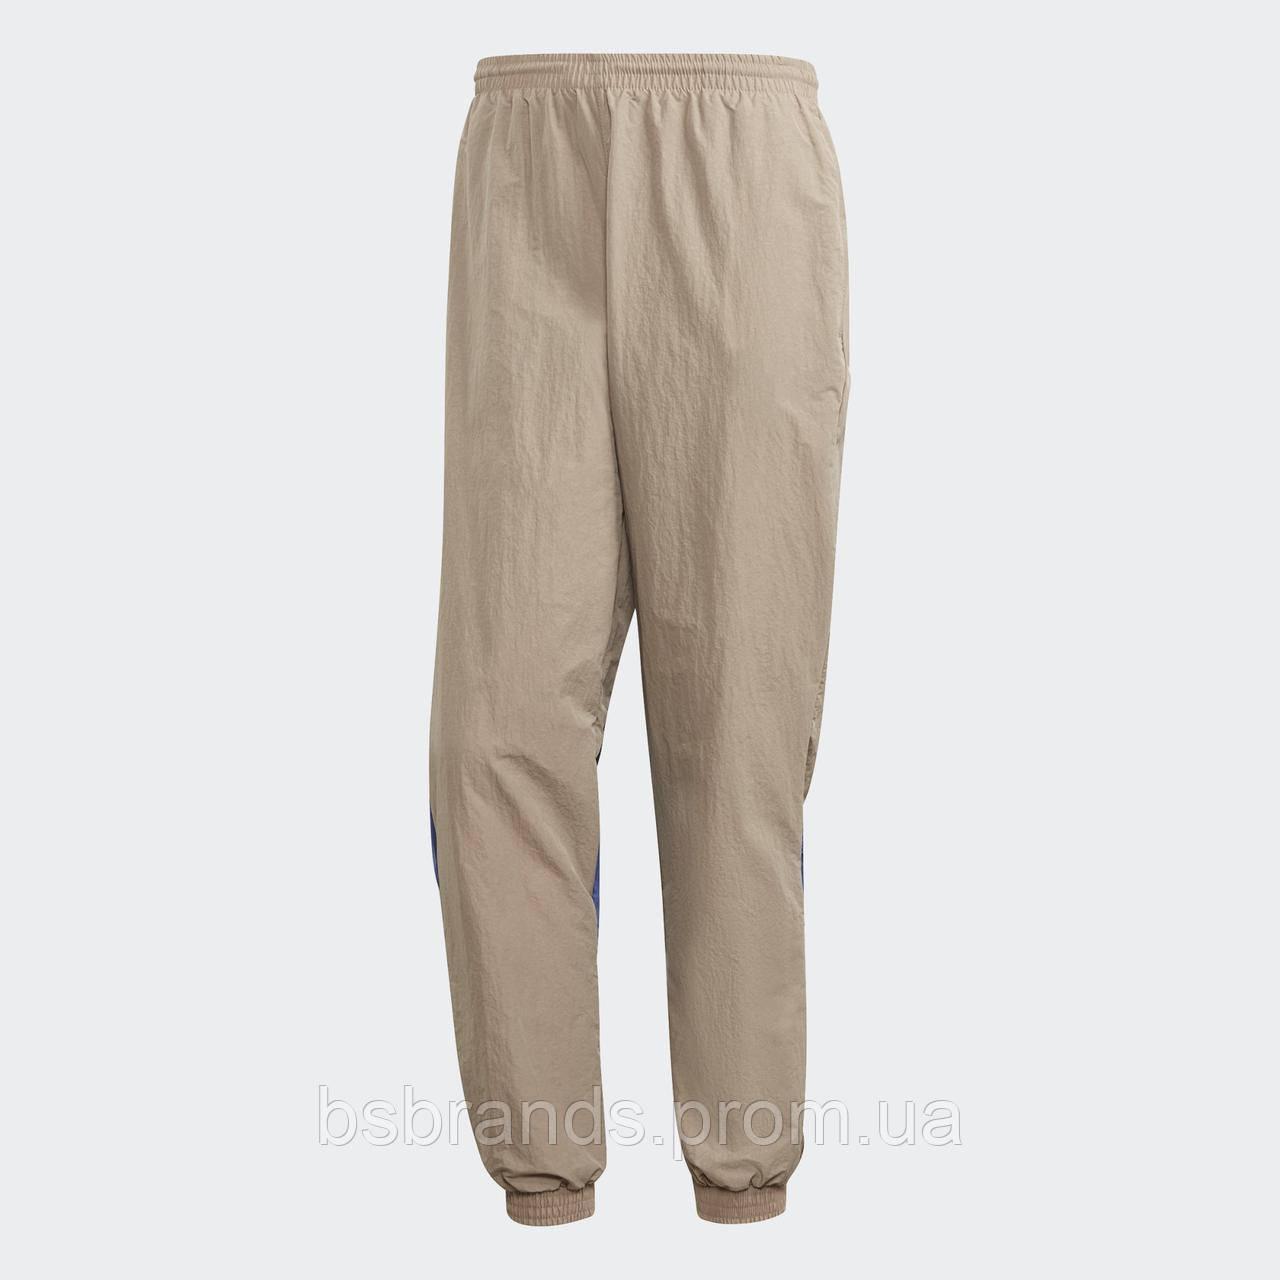 Мужские штаны-джоггеры адидас Big Trefoil Colorblock GE0816 (2020/2)